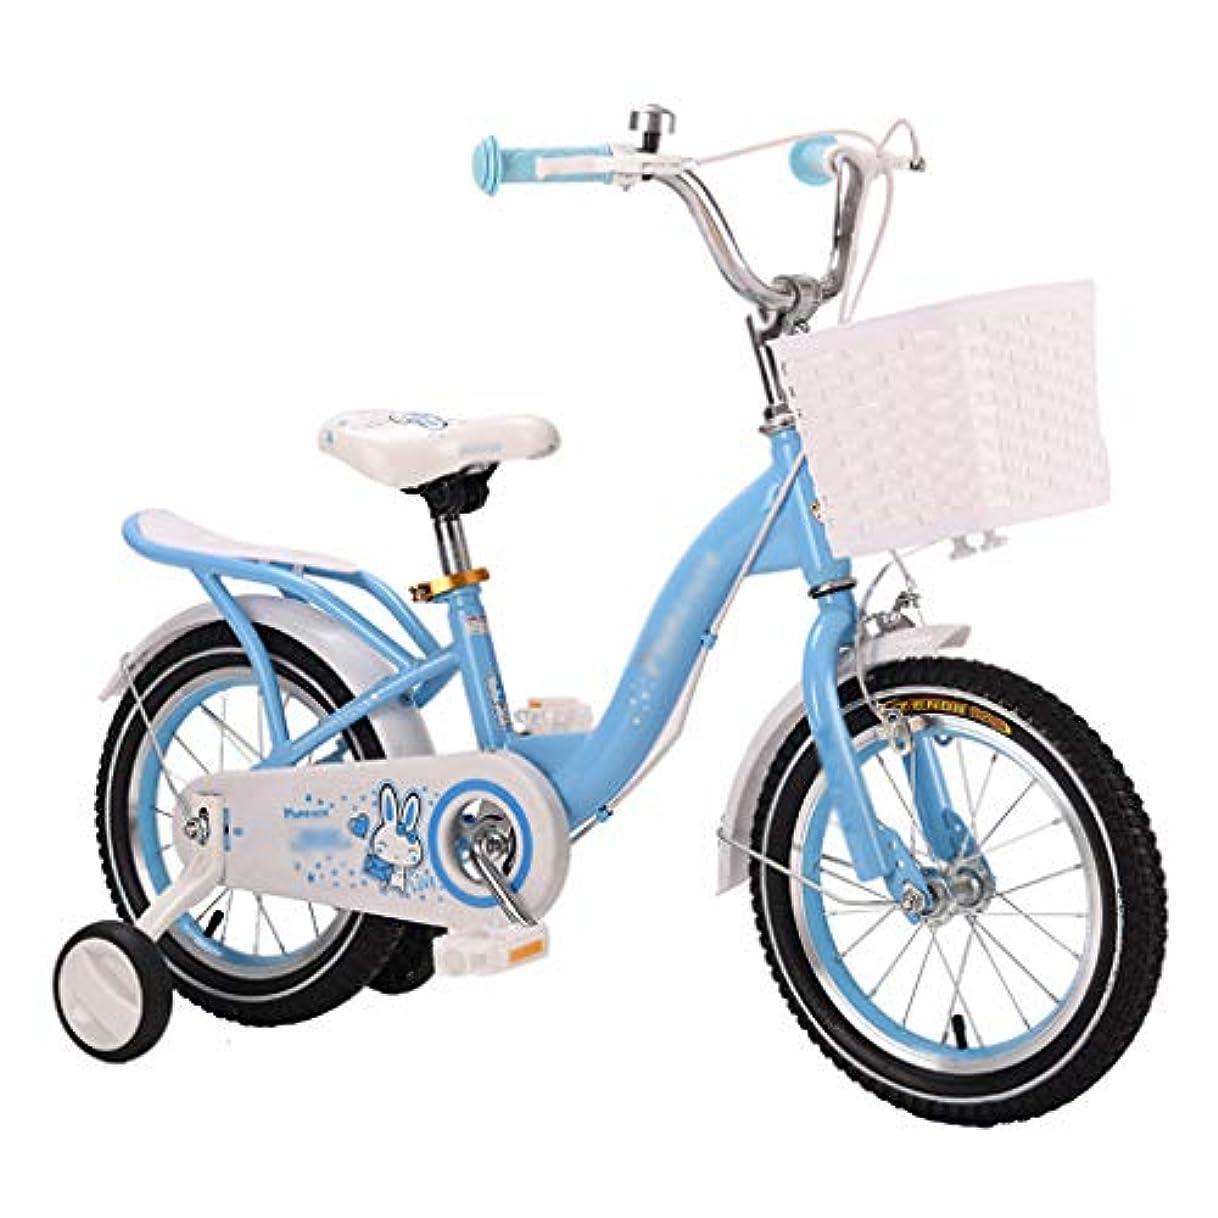 そうエッセンスきつく3-9歳の少女自転車12 14 16 18インチ補助輪付き子供用自転車、三脚付き子供用自転車、幼児用自転車、ピンク、ブルー、パープル